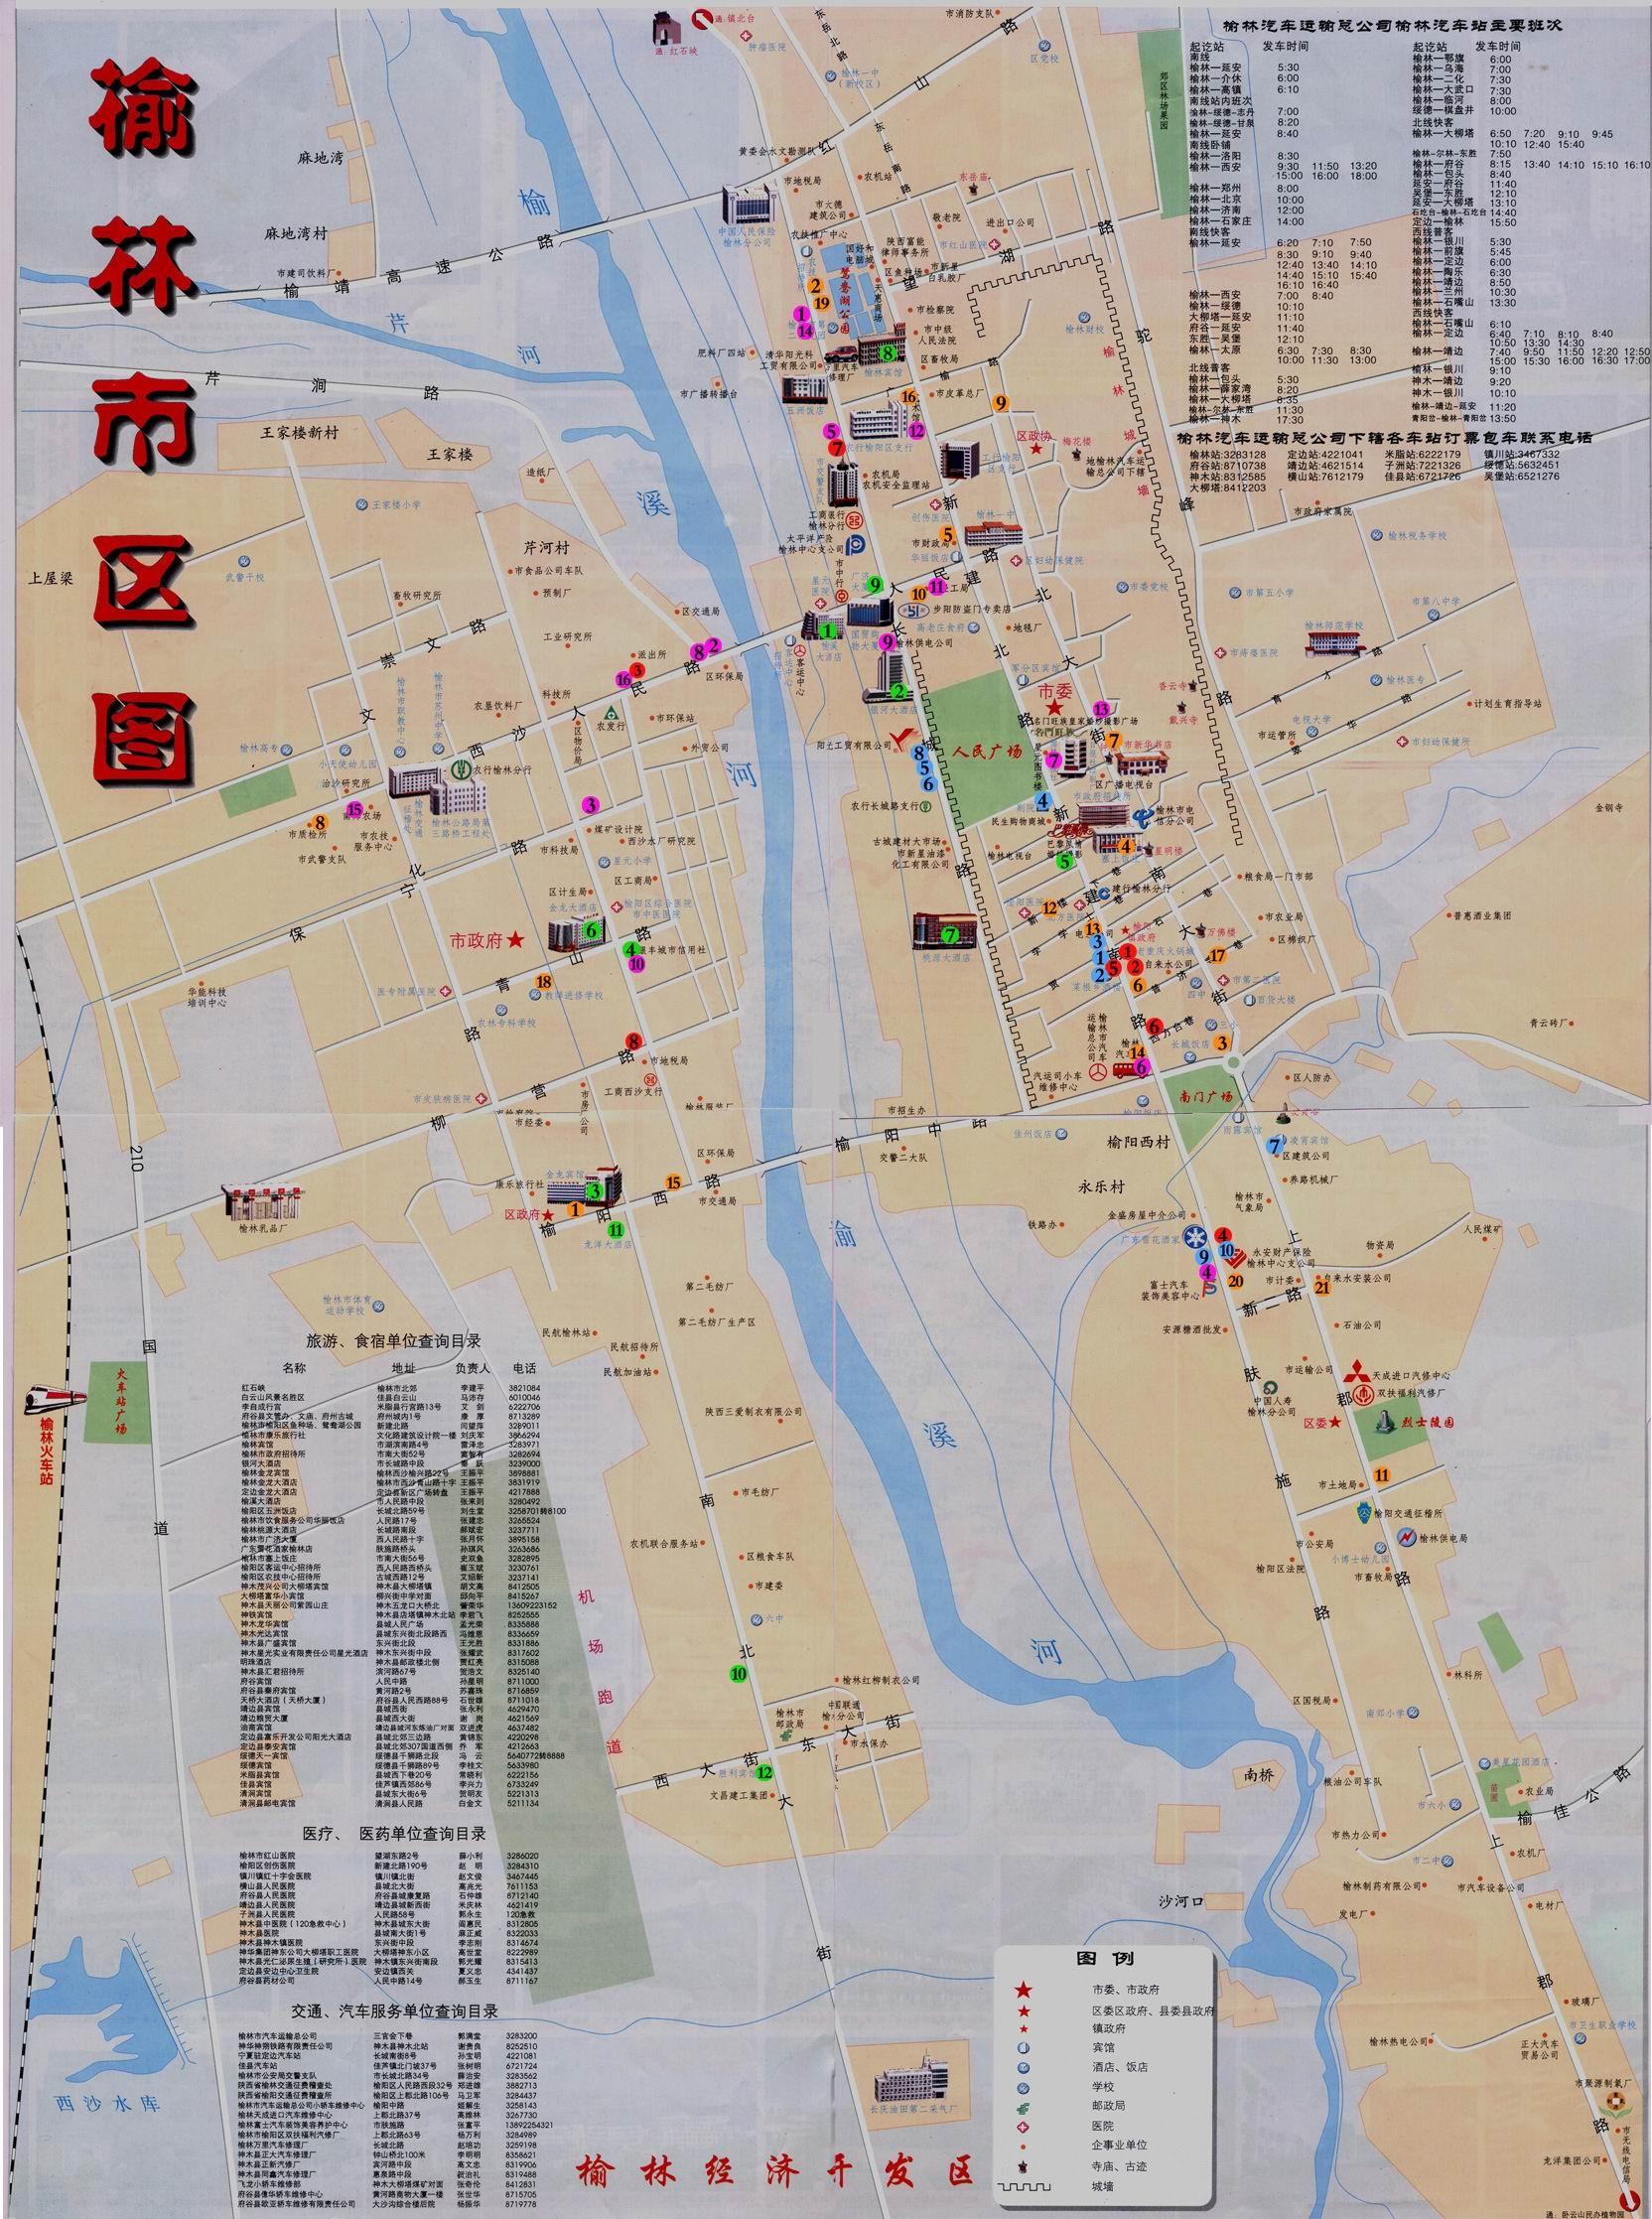 榆林城区地图_榆林市地图